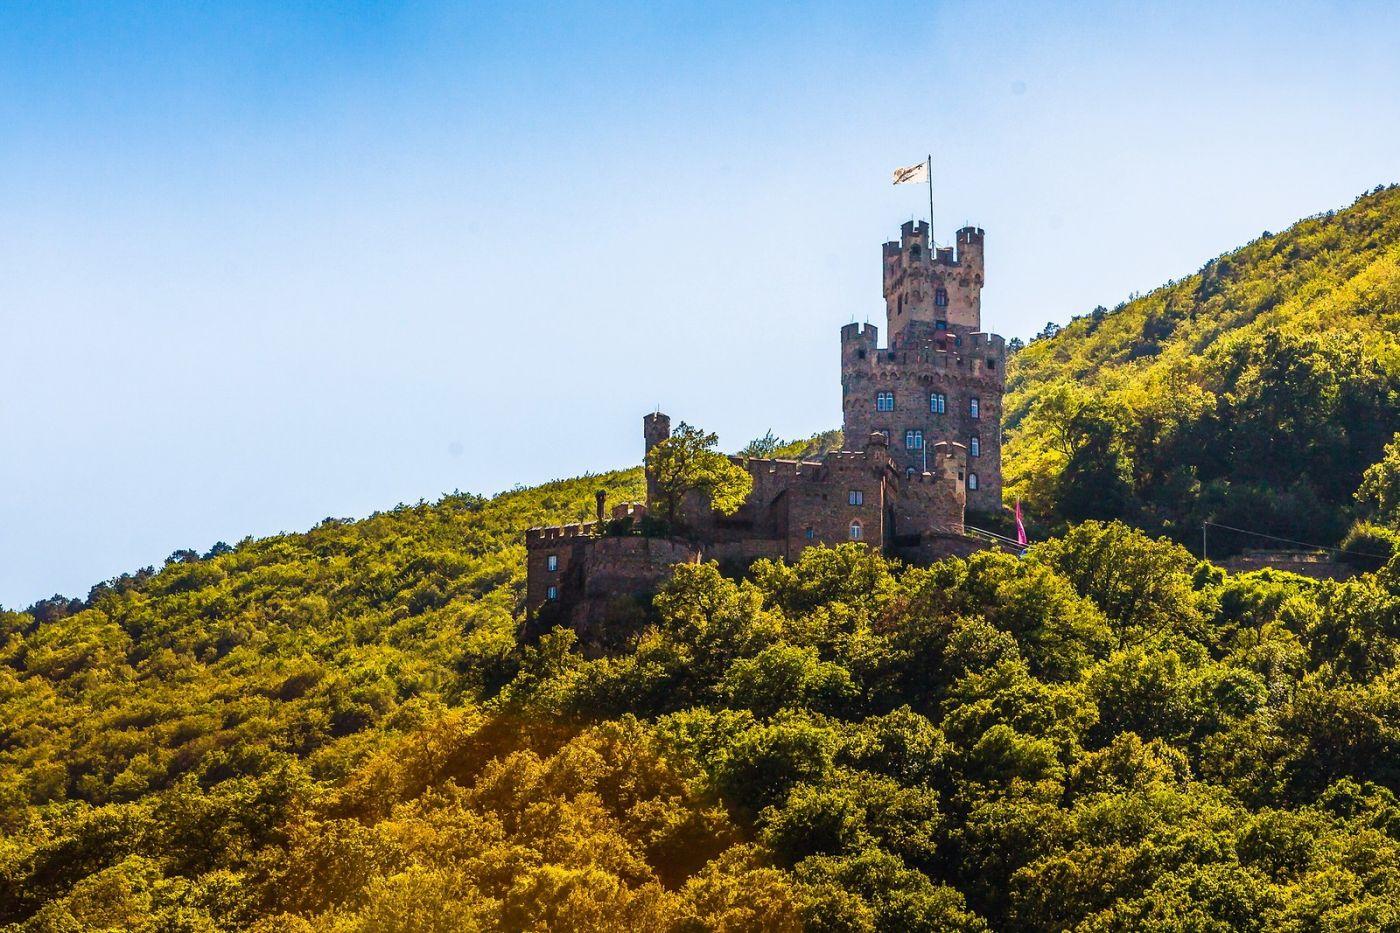 畅游莱茵河,山腰间的城堡_图1-20